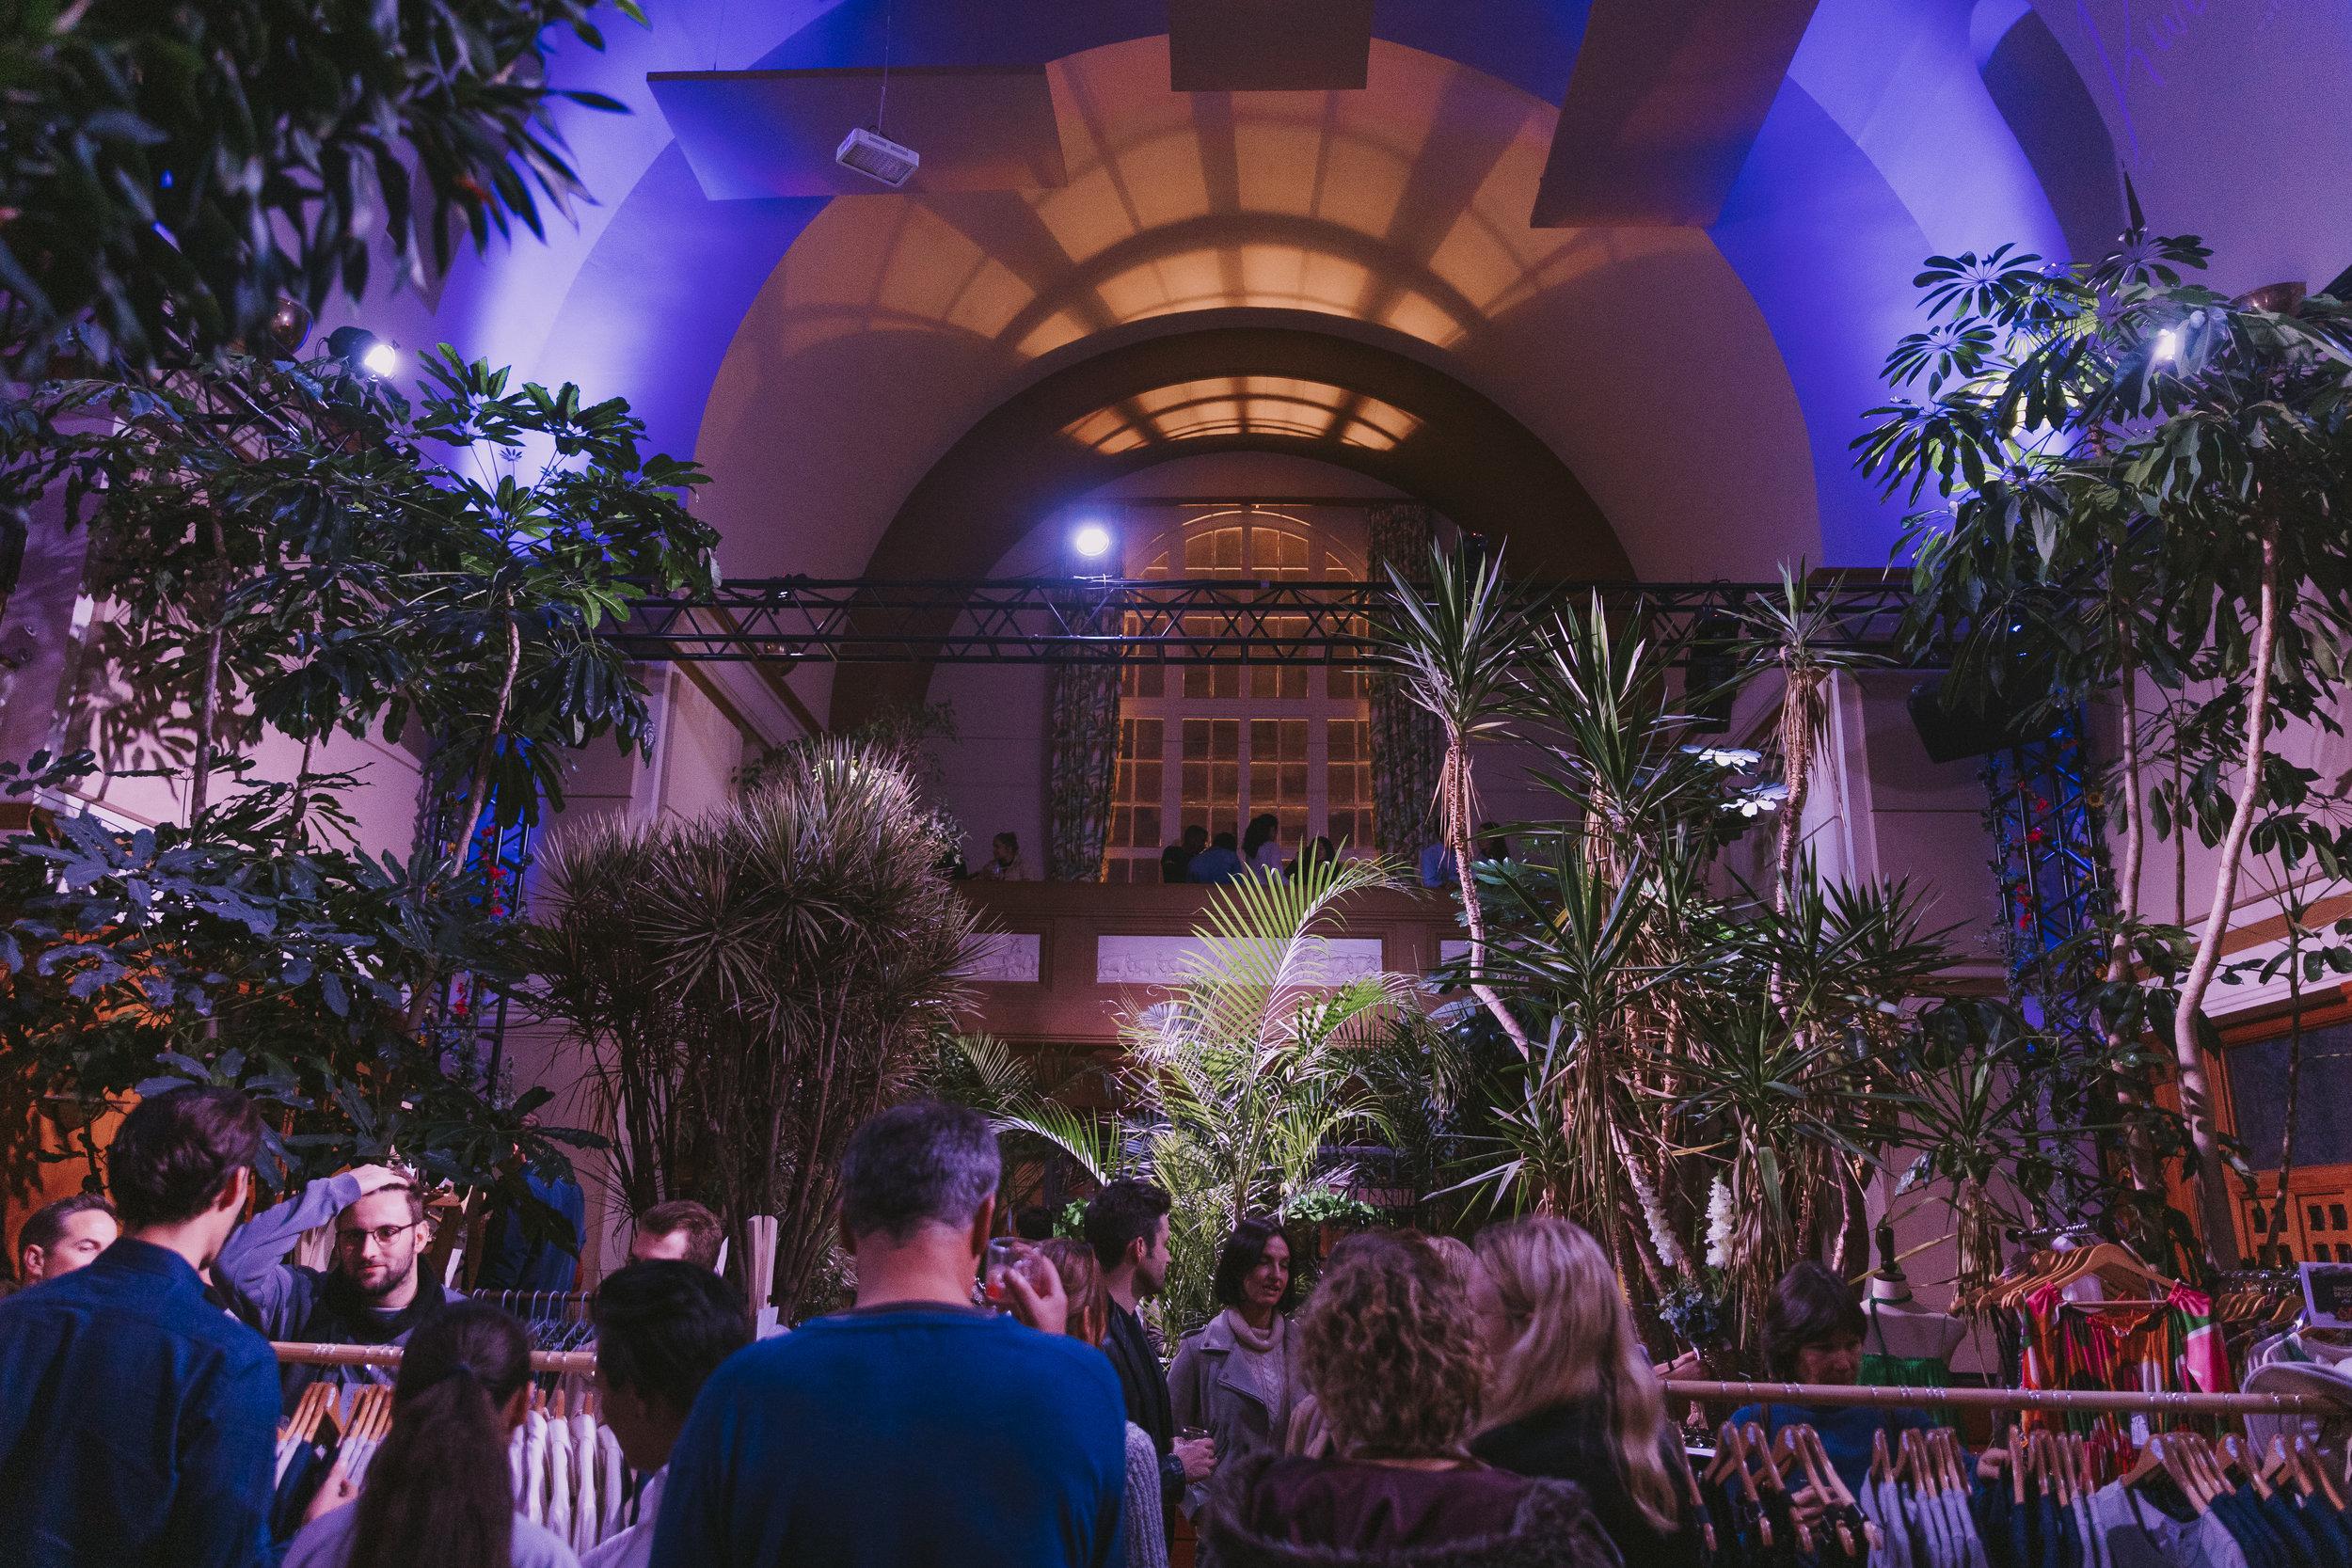 Botanik Social House_Belvedere_04-07-2019-40.jpg